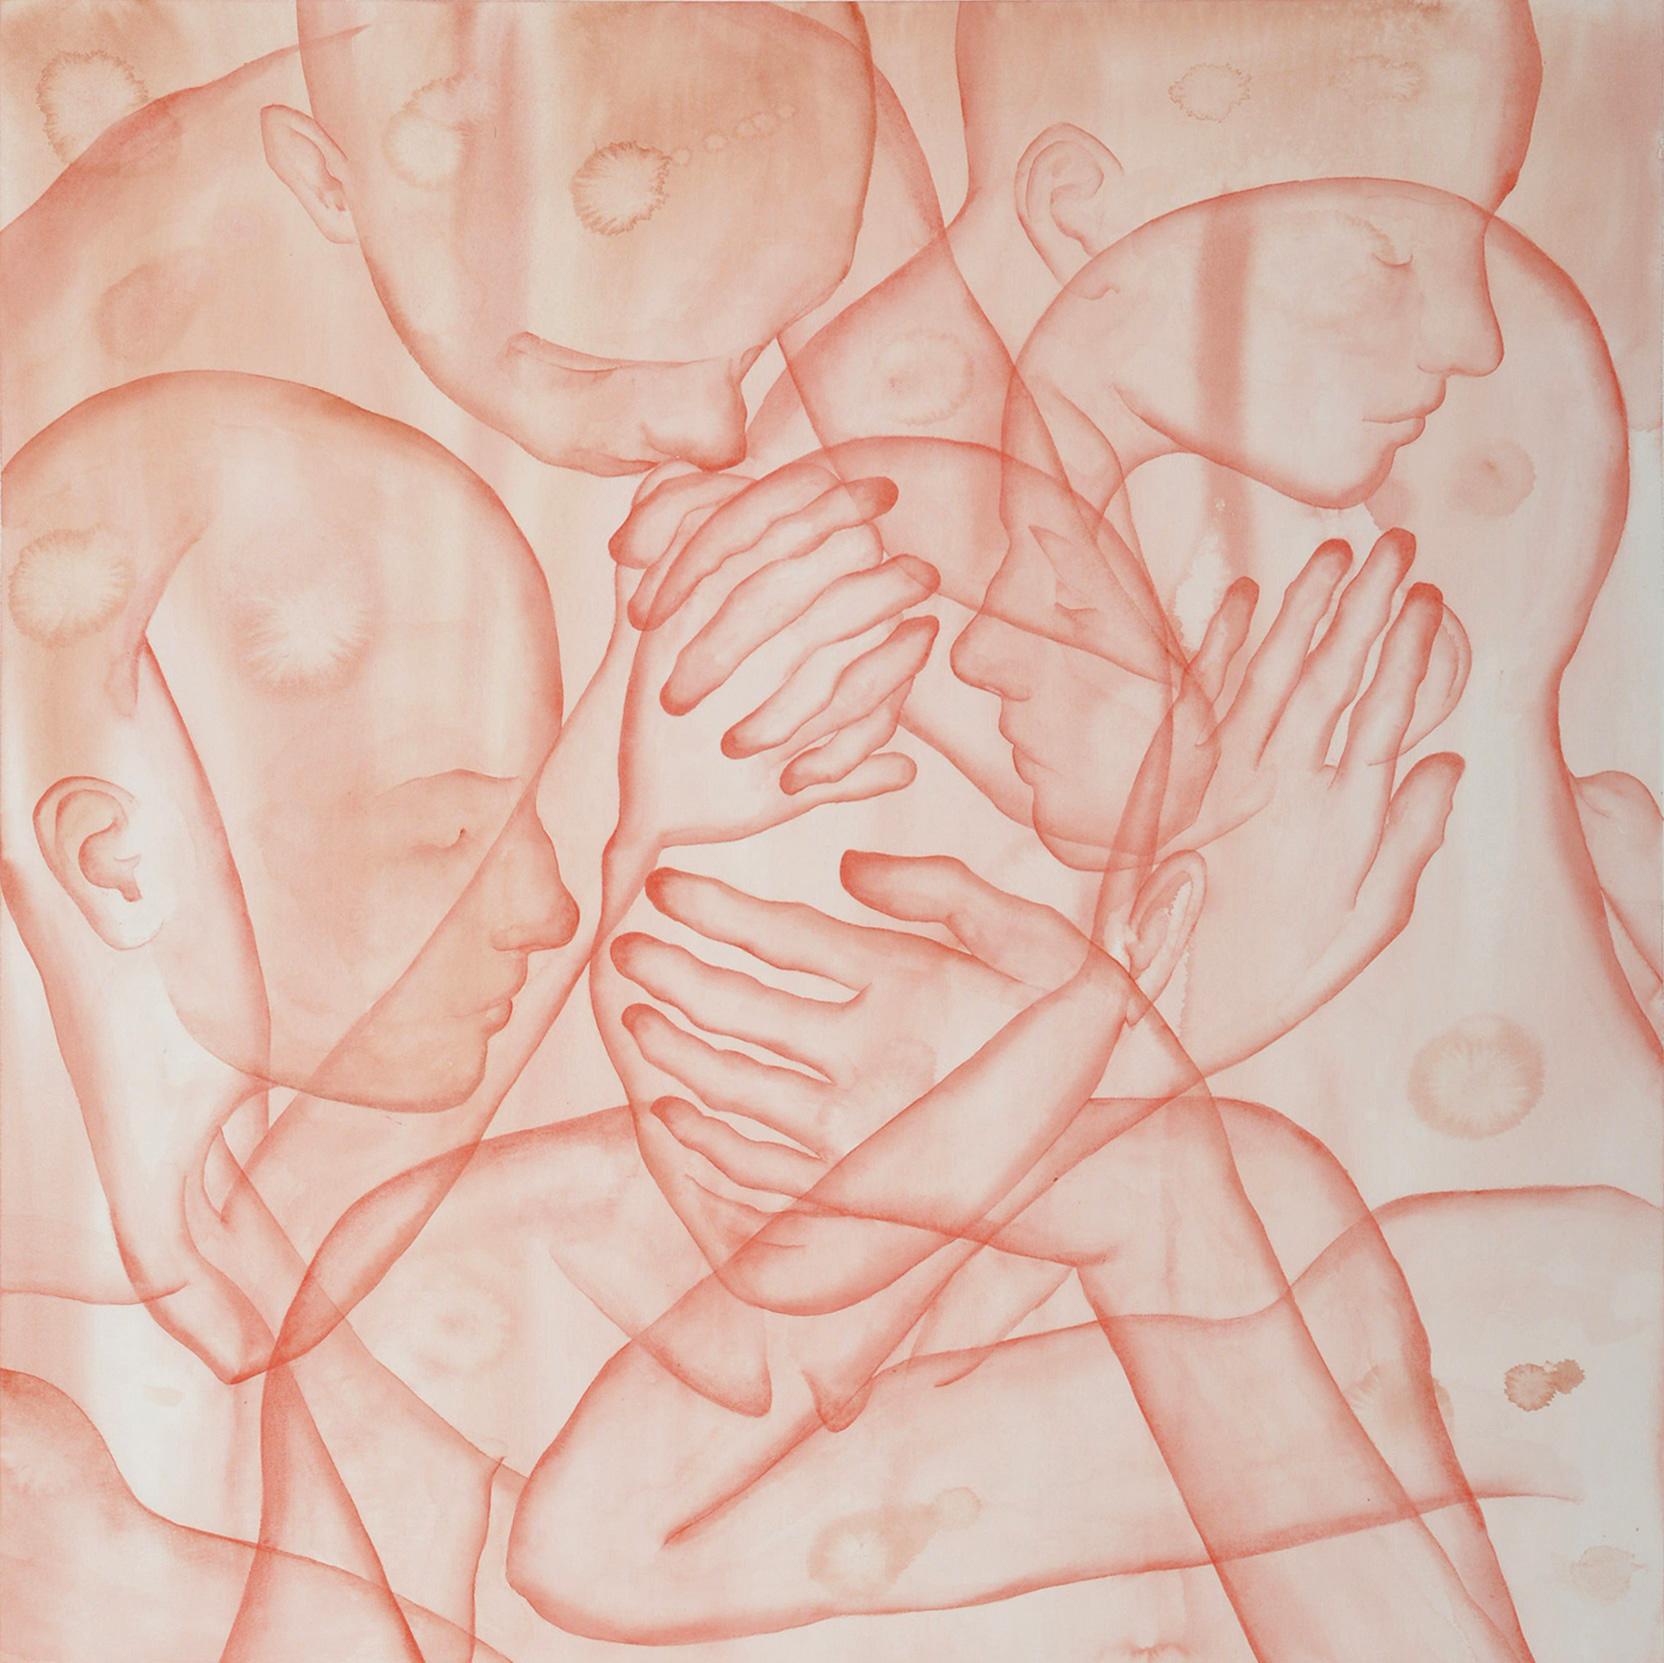 Stefano Bolzano, Sensi, Sentimenti, Coscienza, acquerello su carta, 55x75 cm, 2020.